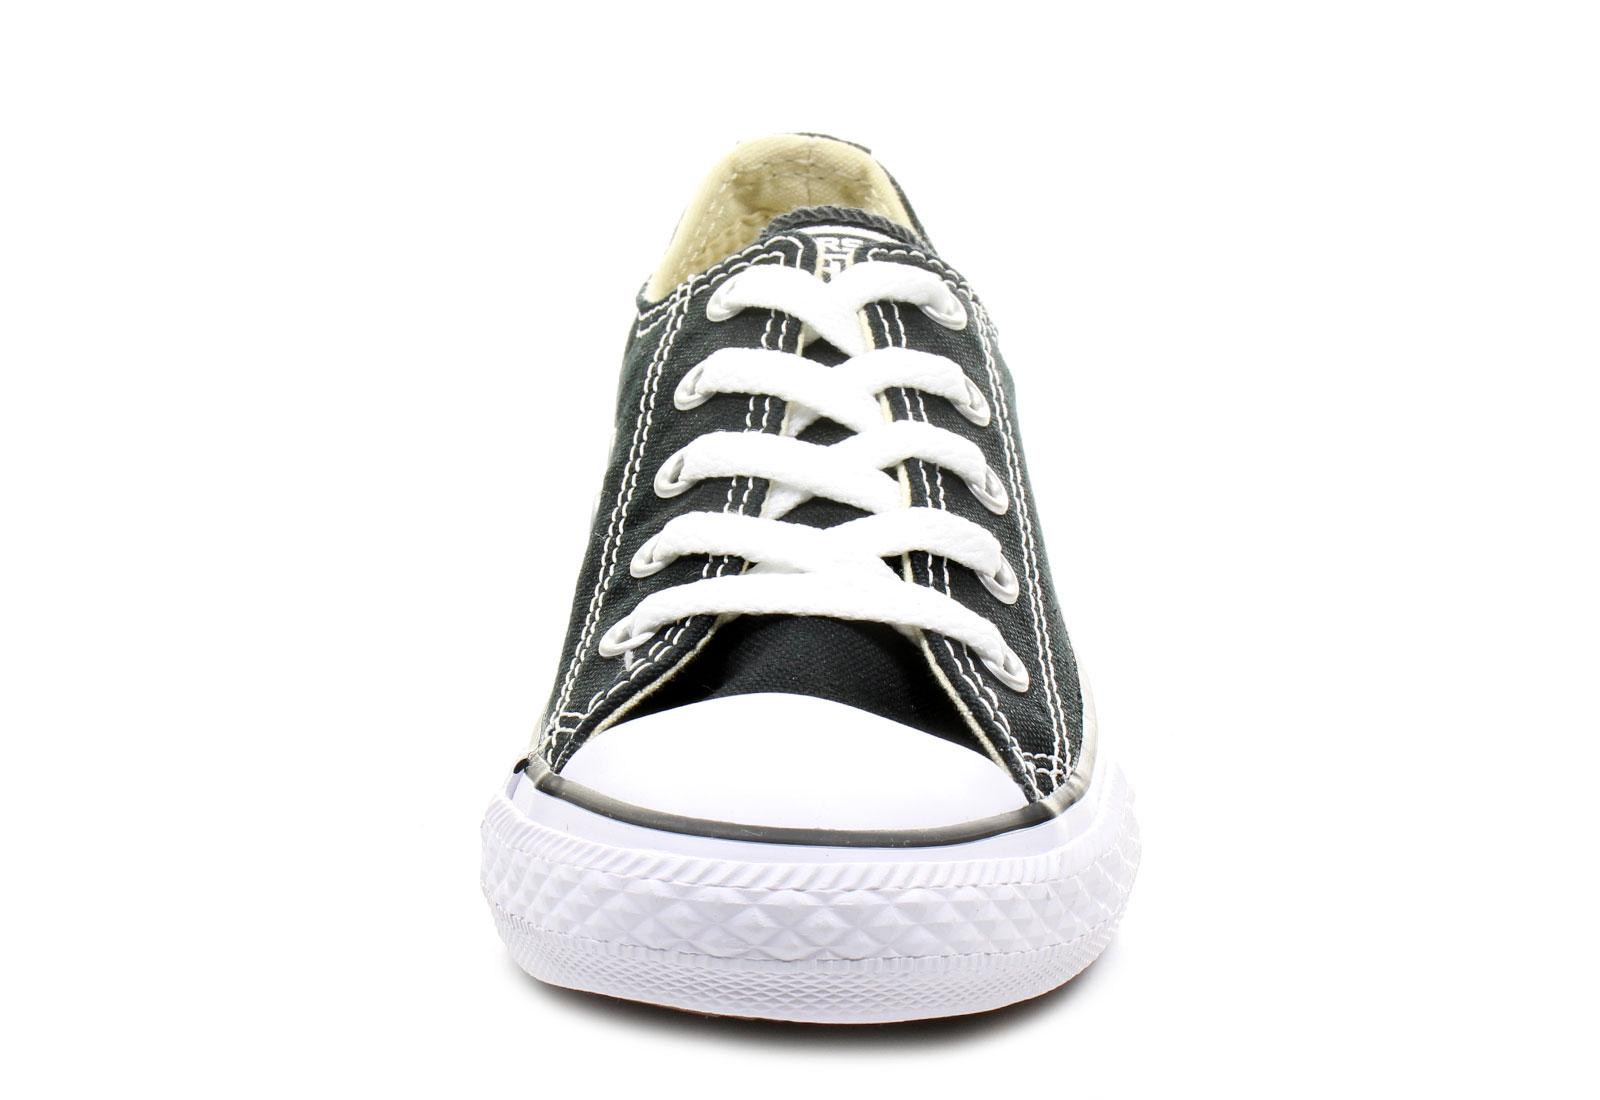 Converse Tornacipő - Ct As Kids Core Ox - 3J235C - Office Shoes ... fe55c901d9